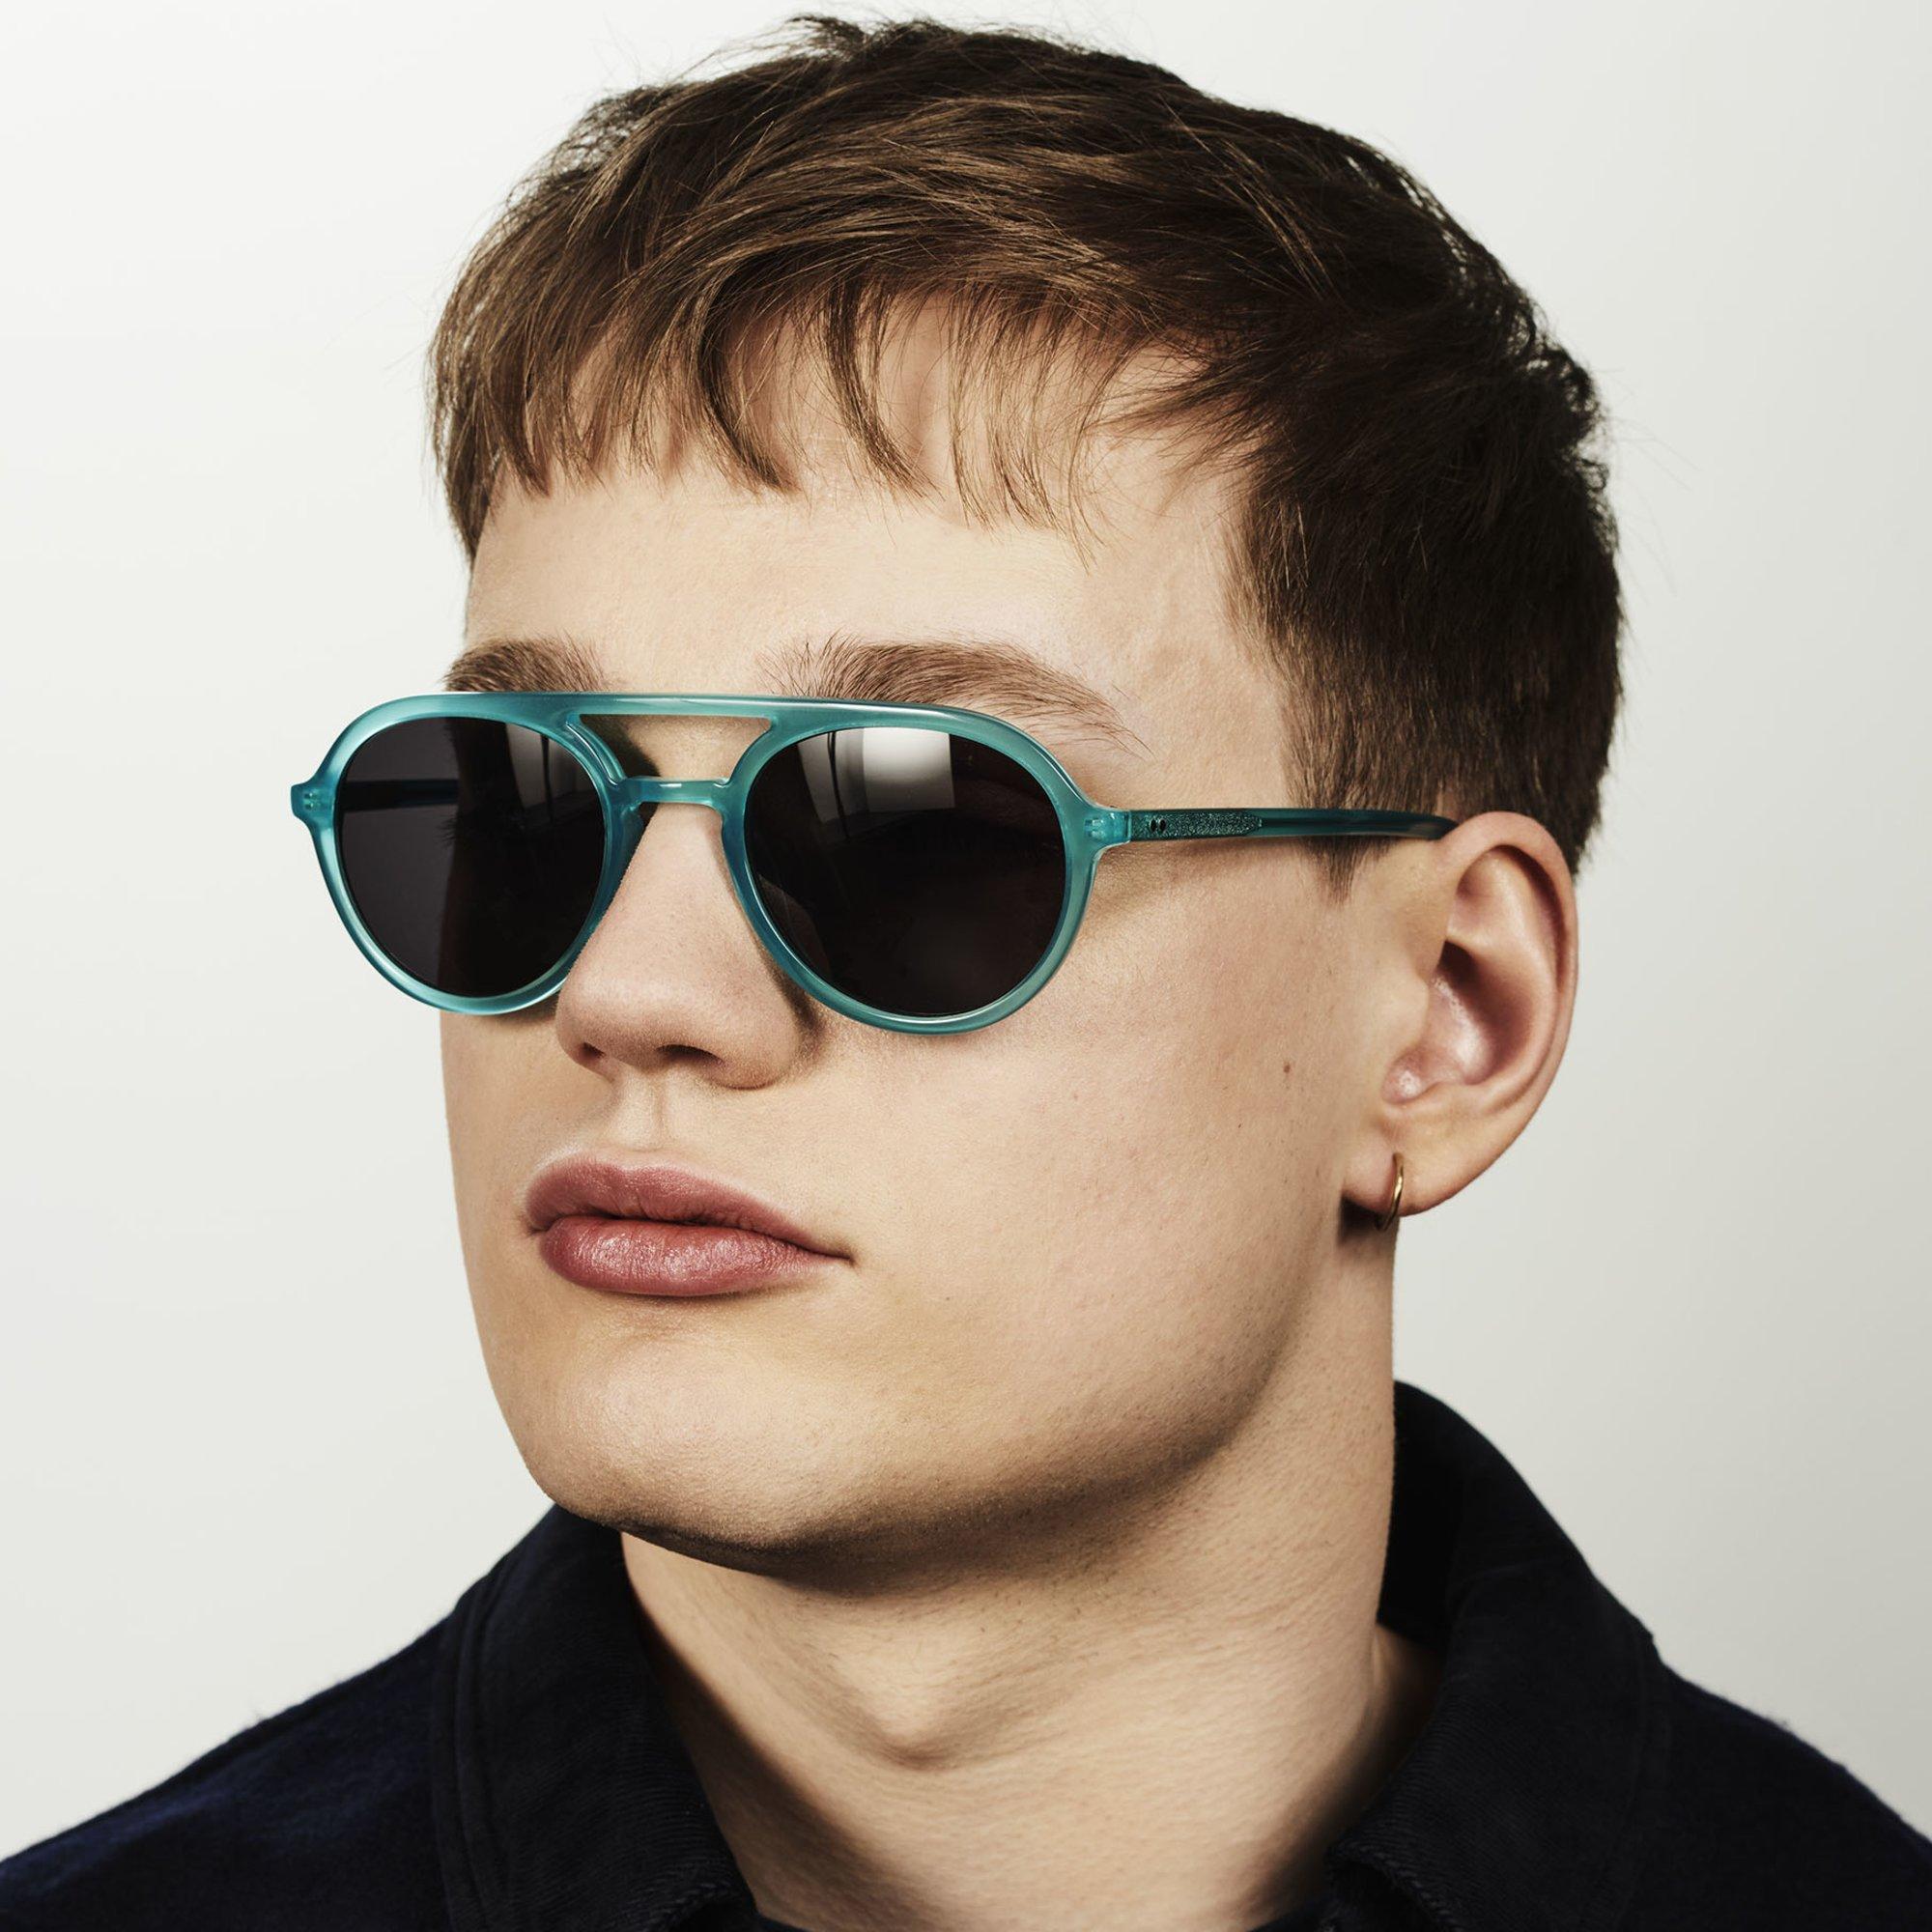 Ace & Tate Sunglasses |  acetate in Blue, Green